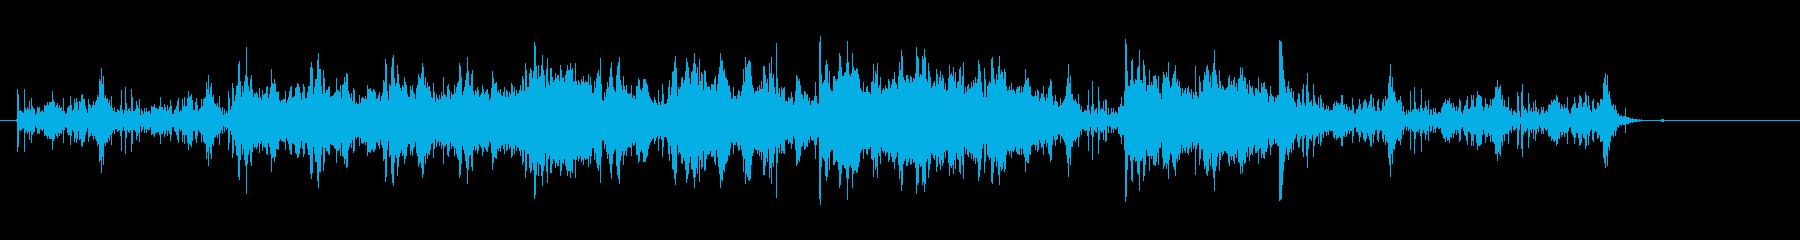 ボーンクランチングFXの再生済みの波形